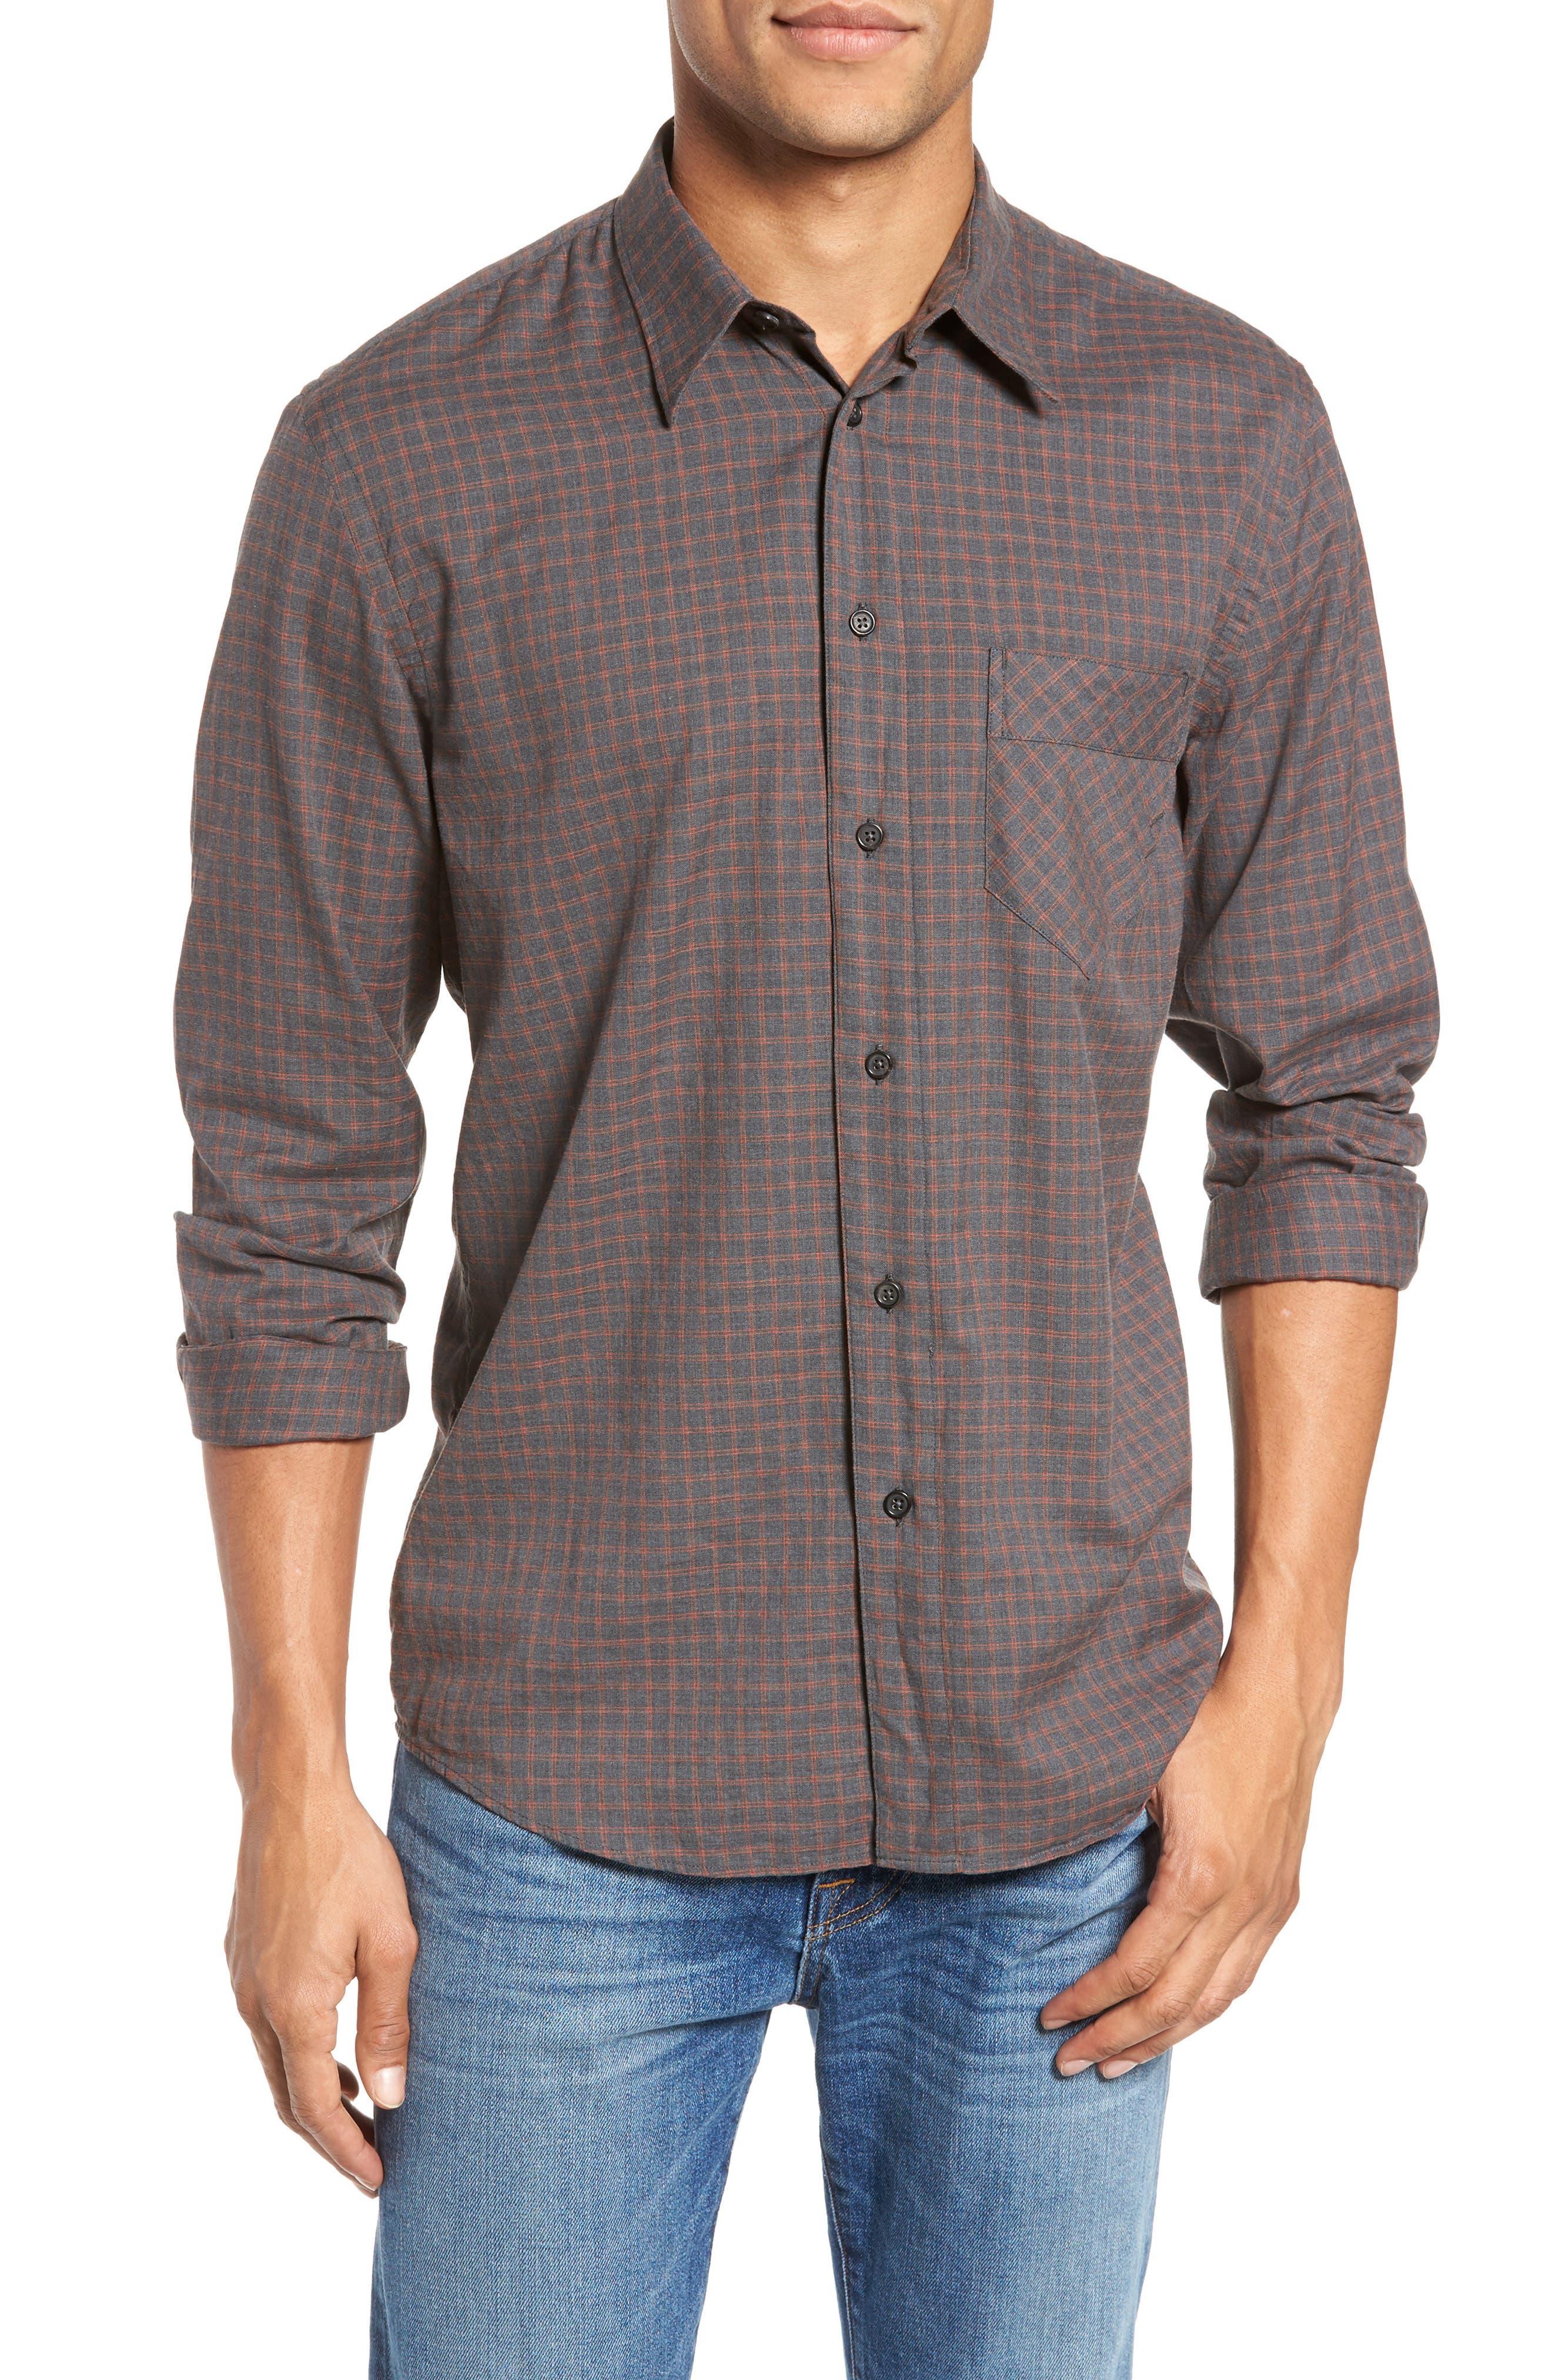 Walland Standard Fit Check Sport Shirt,                             Main thumbnail 1, color,